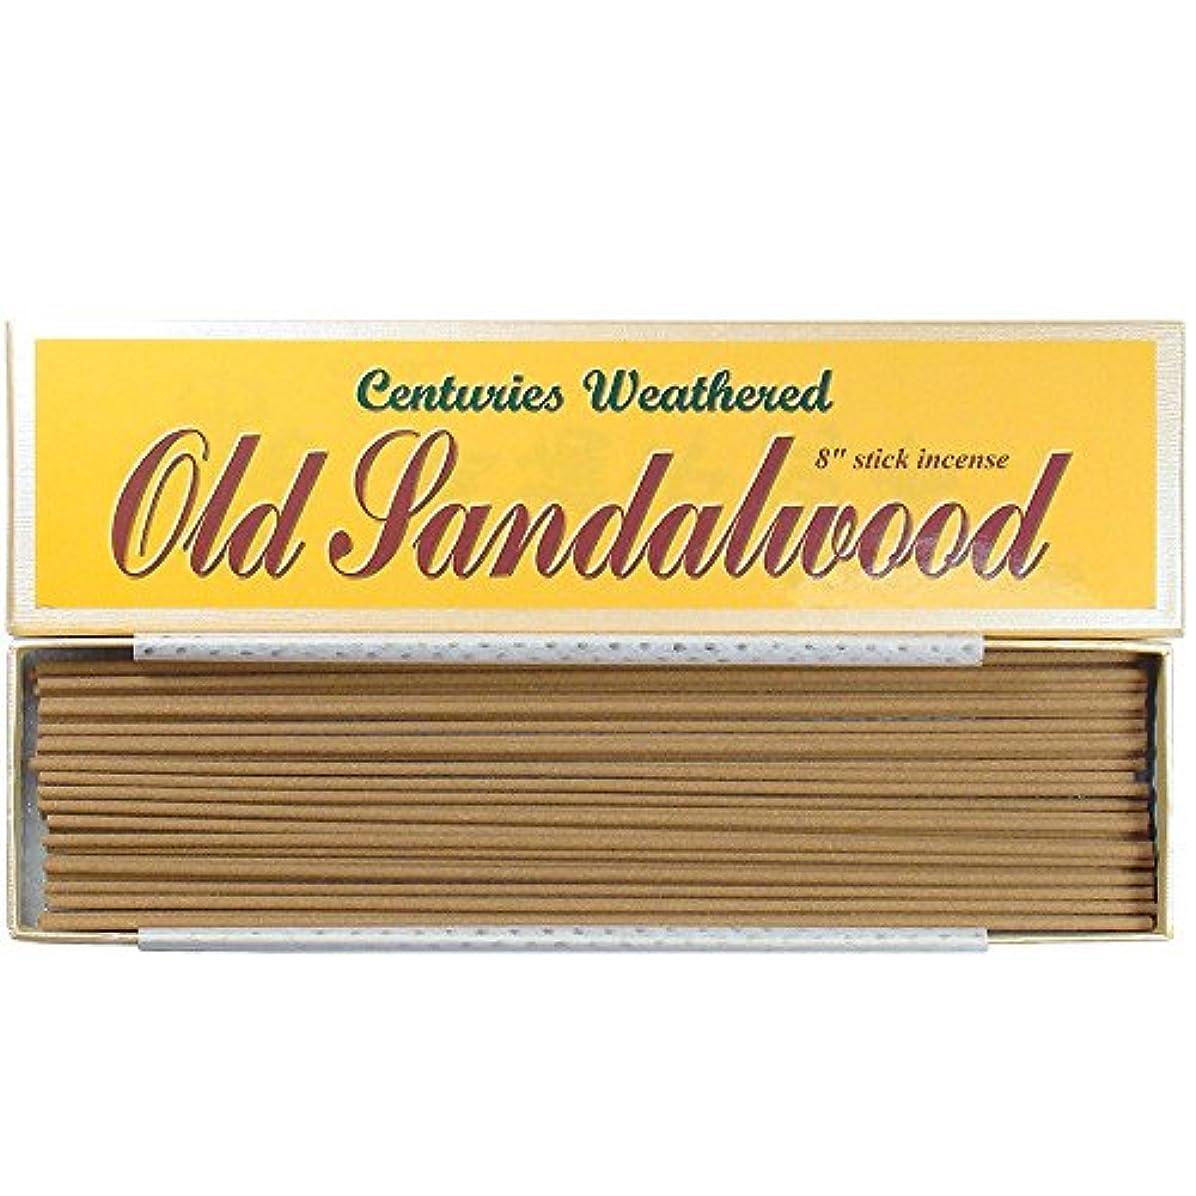 メール困った値下げ風化何世紀もIndian古いサンダルウッド – 8